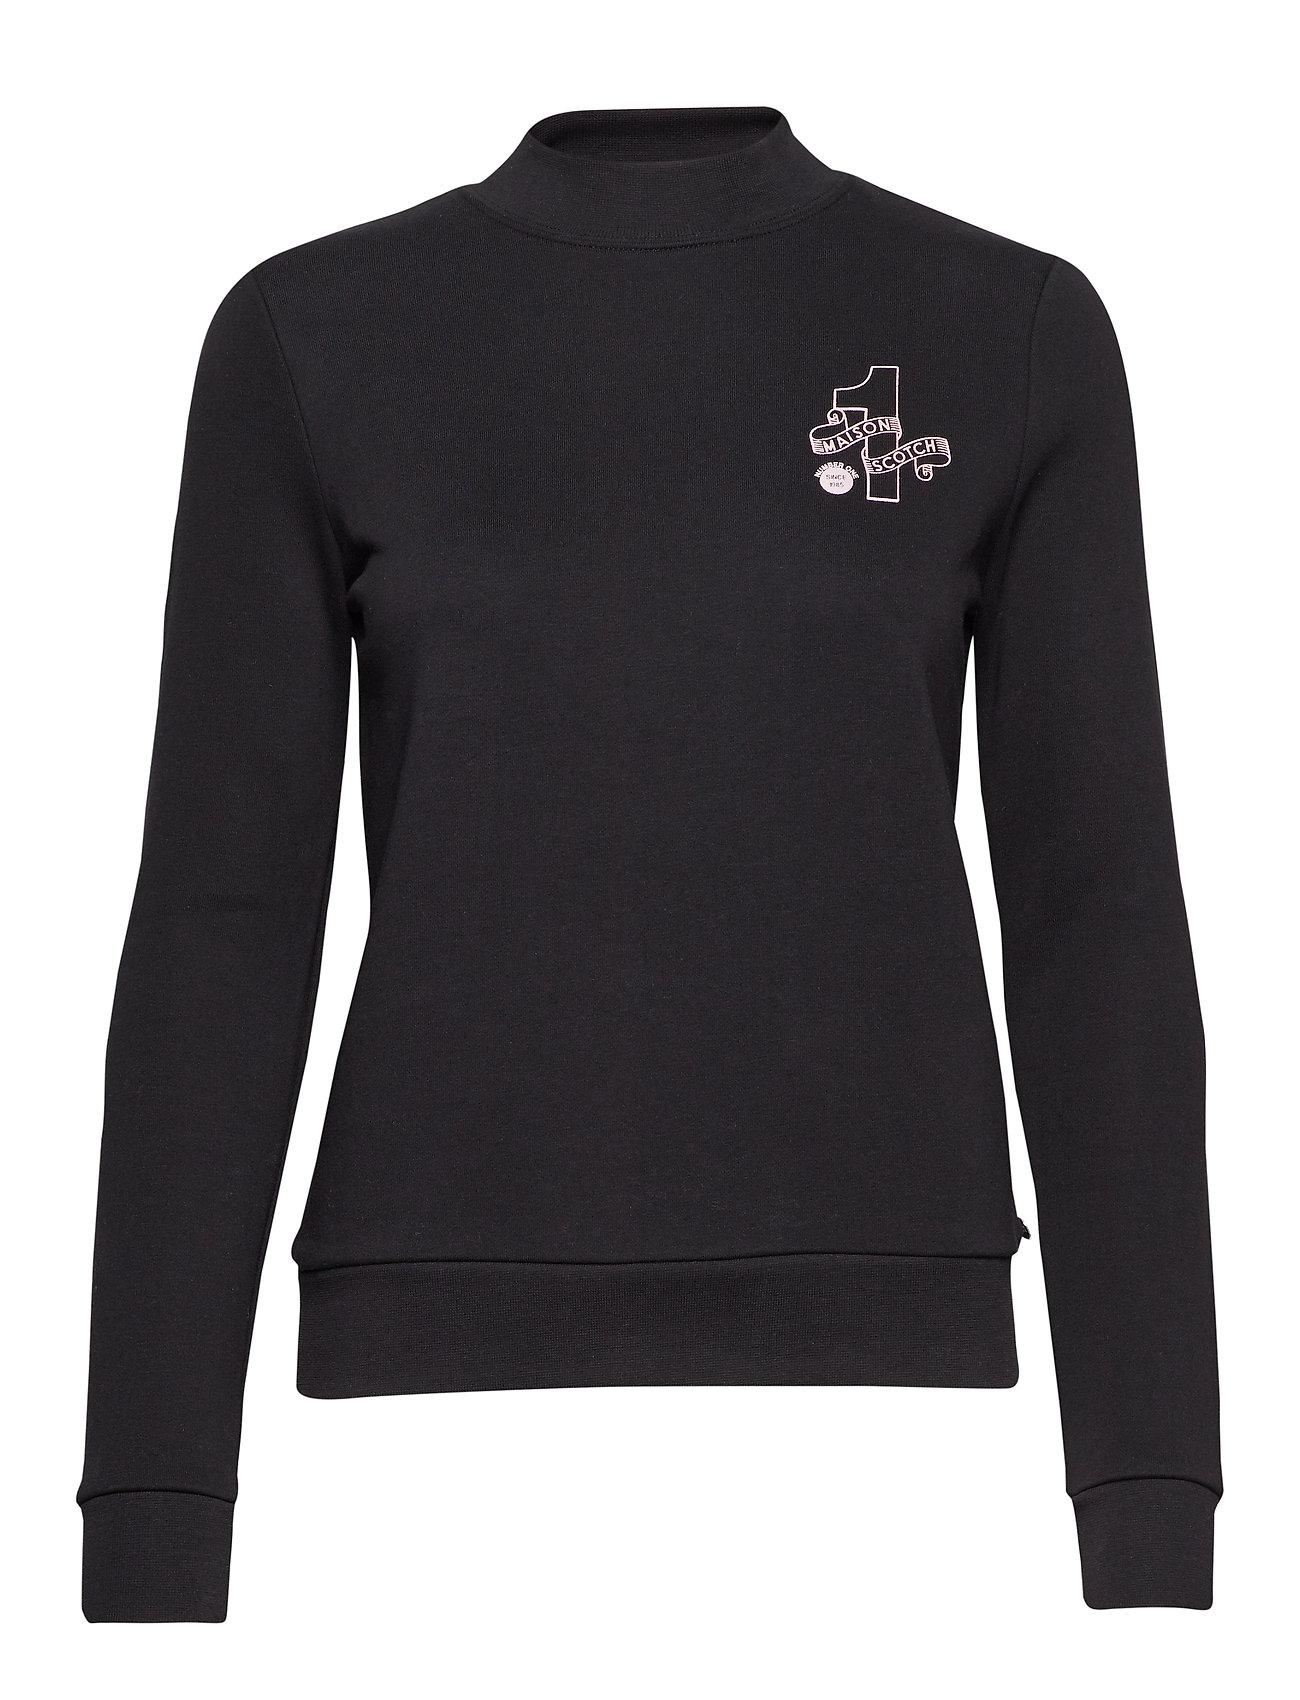 Scotch & Soda 'Maison Scotch' logo sweater - BLACK